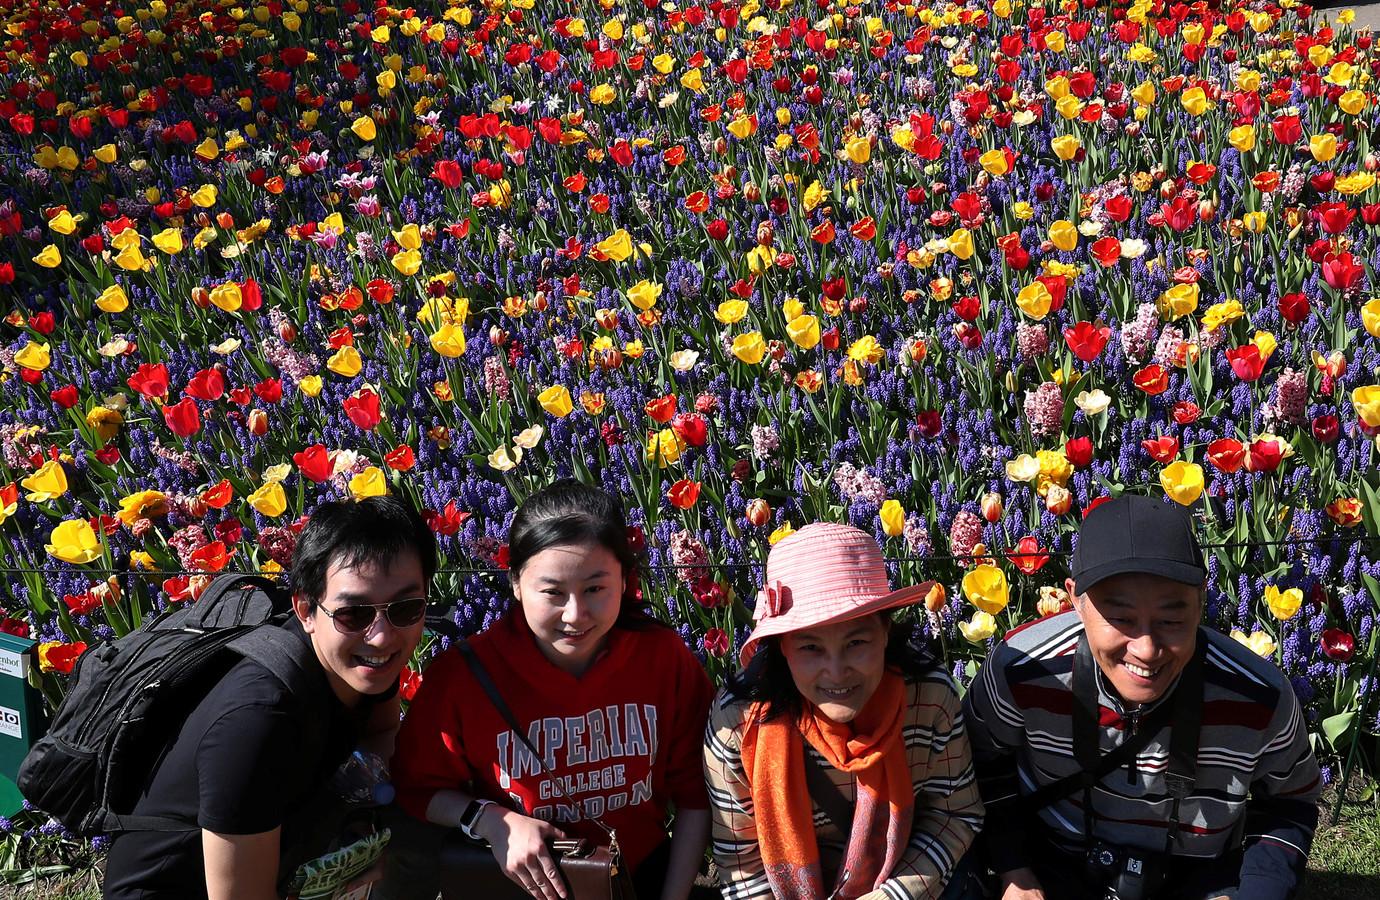 Toeristen poseren voor de tulpen.